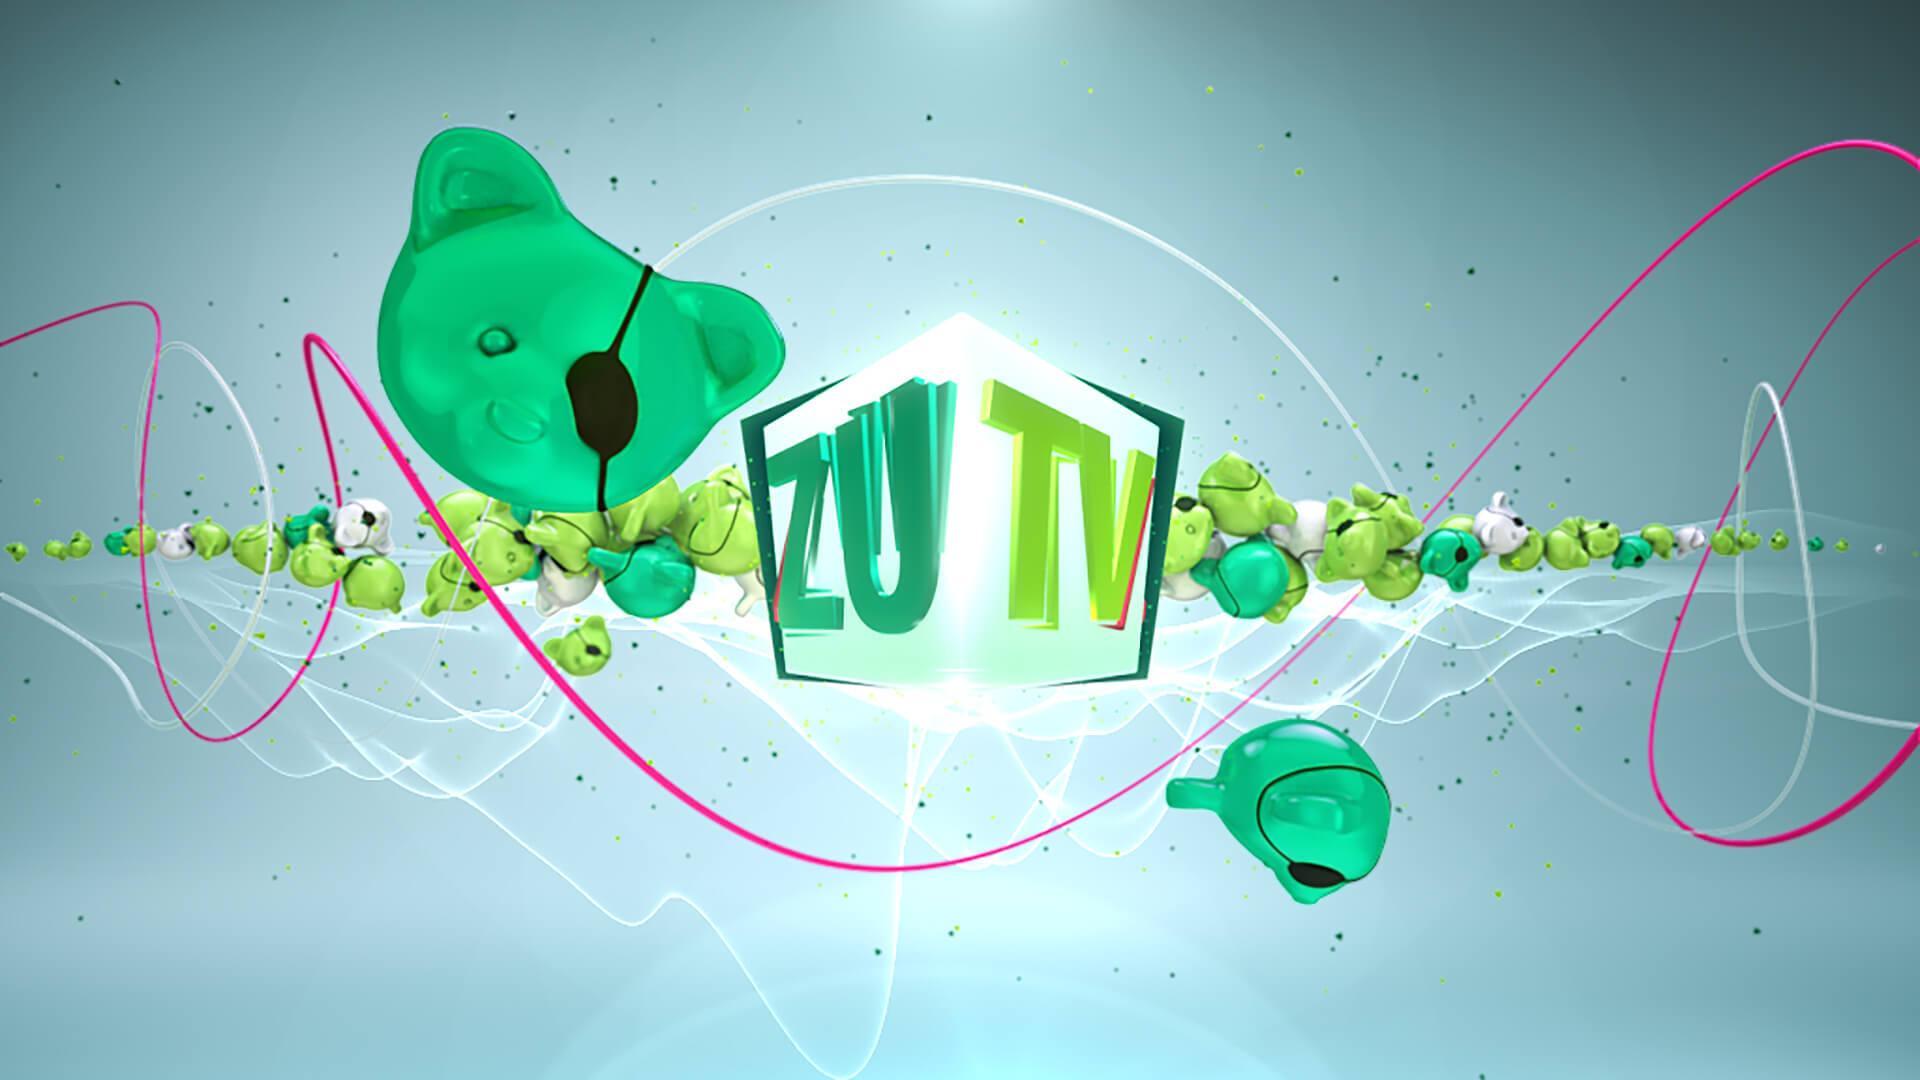 ZU_TV